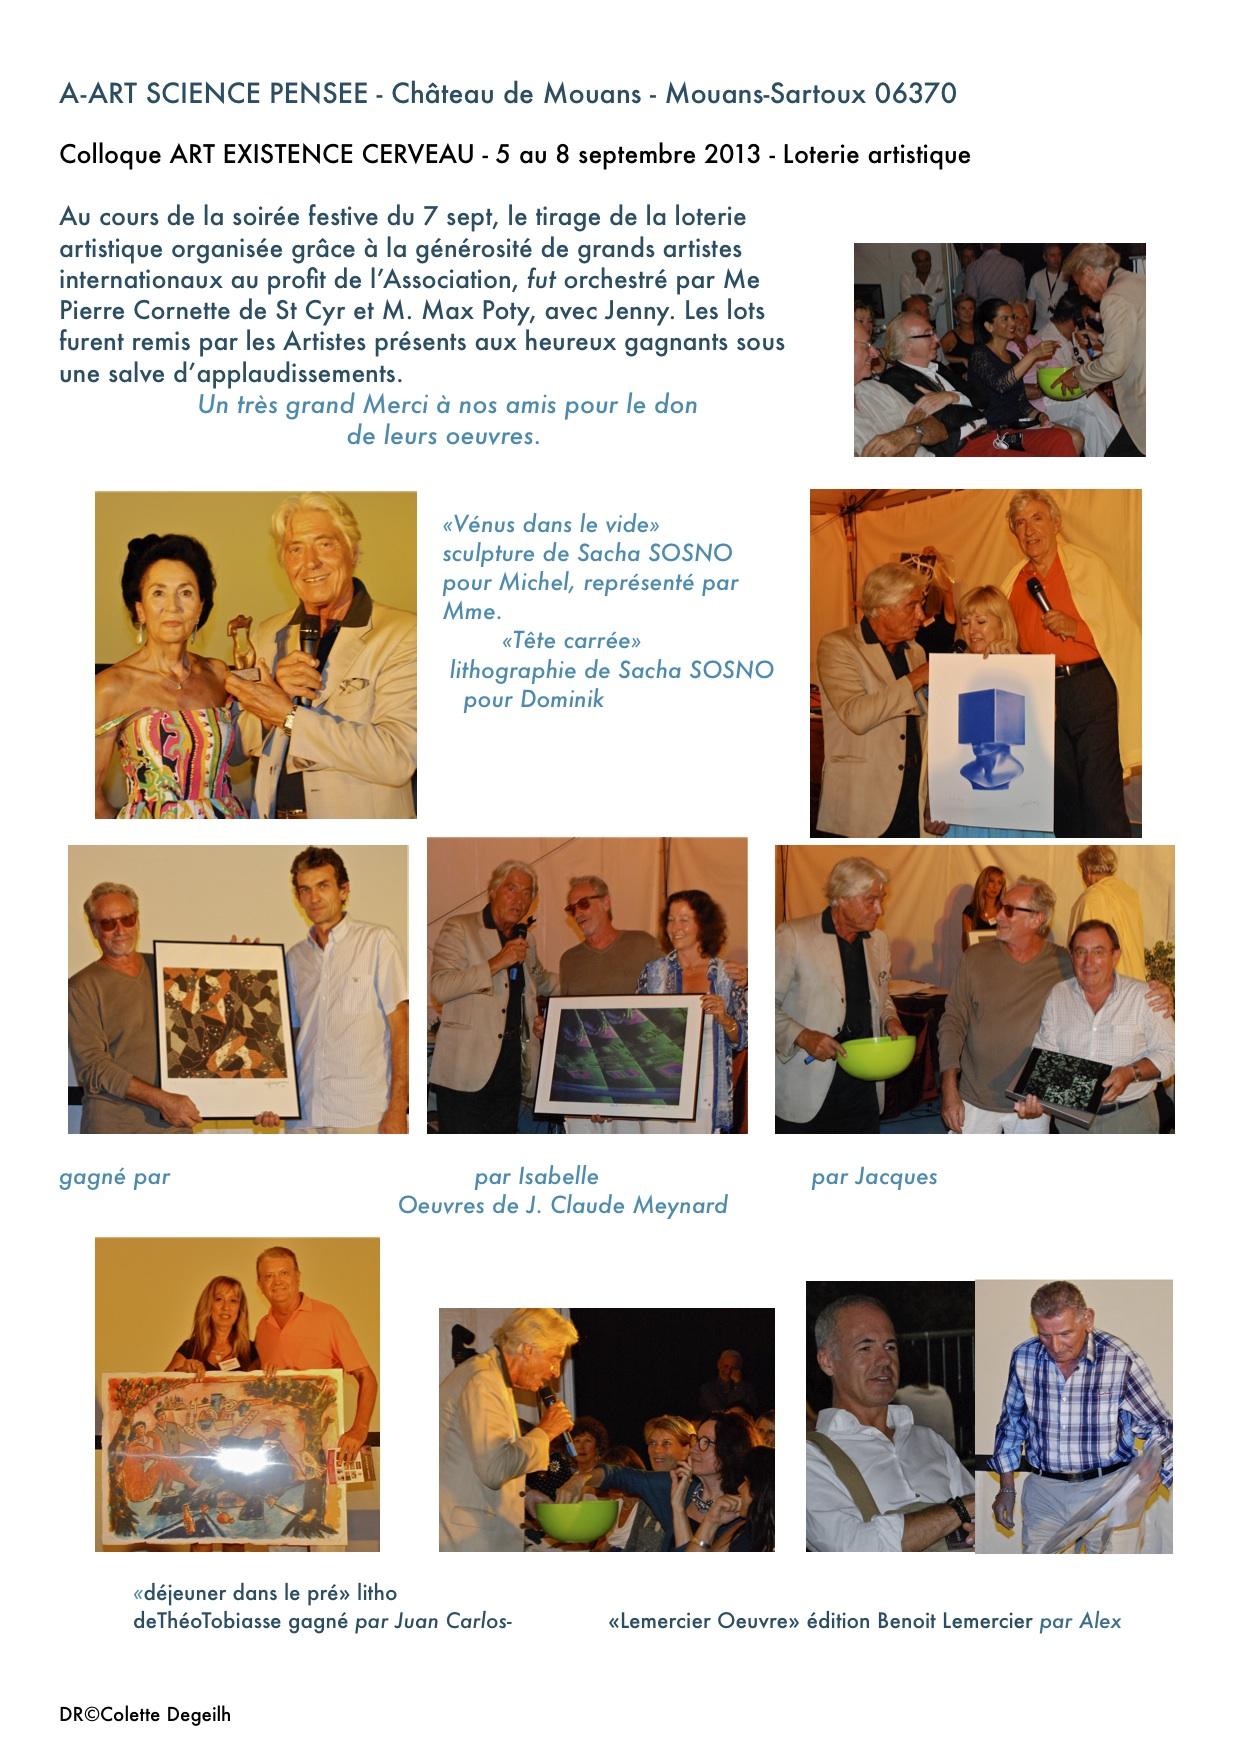 gagnants de la loterie artistique 2013